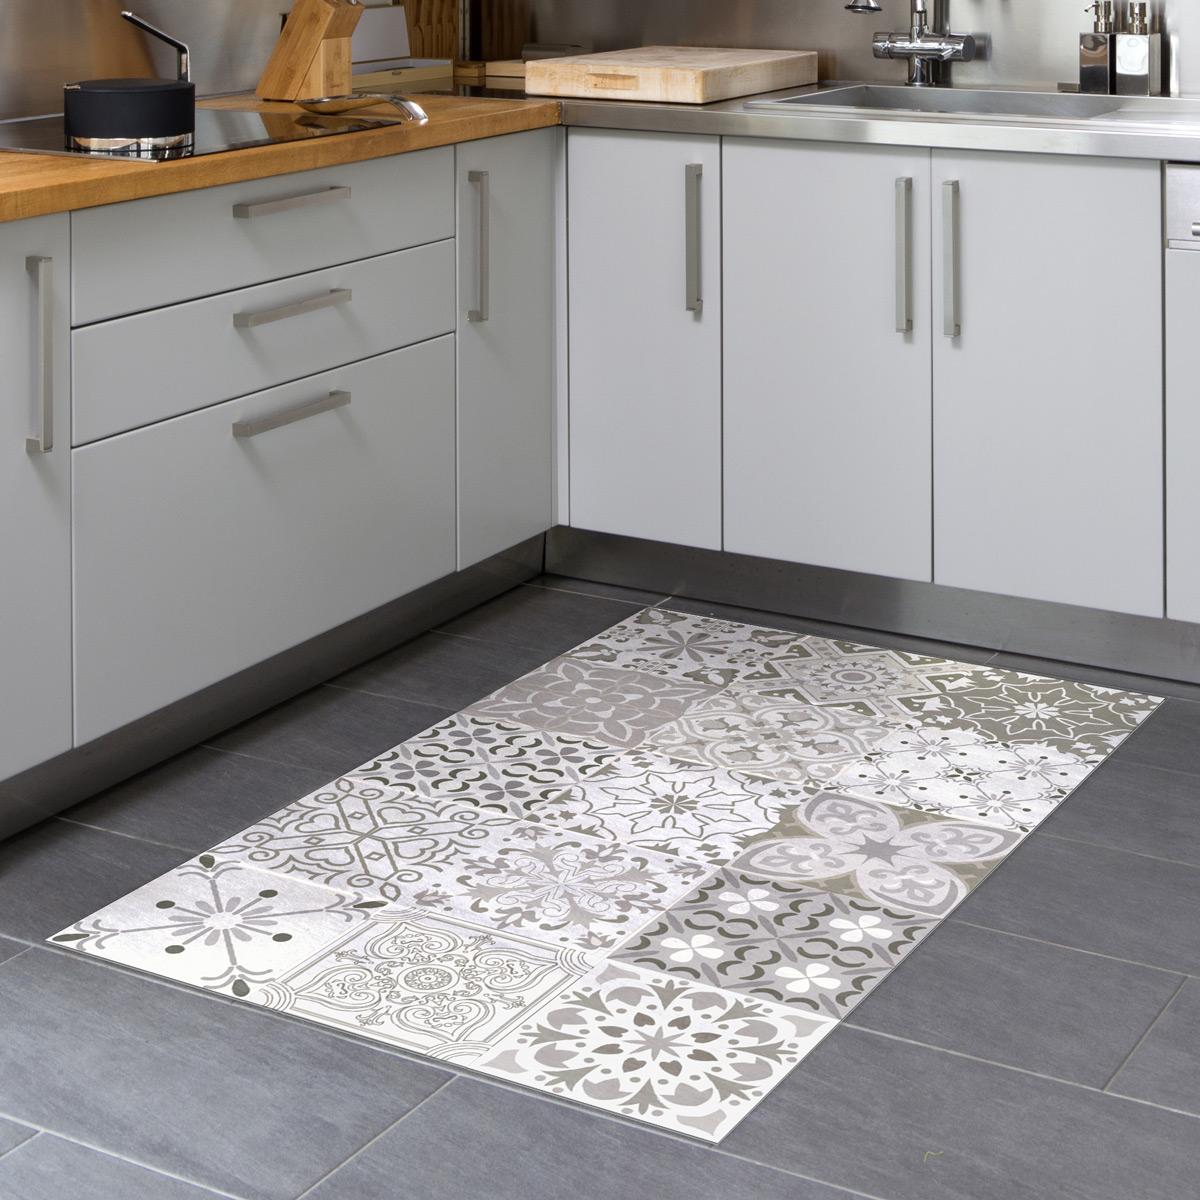 tapis vinyle carrelages nuances de gris rom o 60 x 100 cm stickers stickers art et design